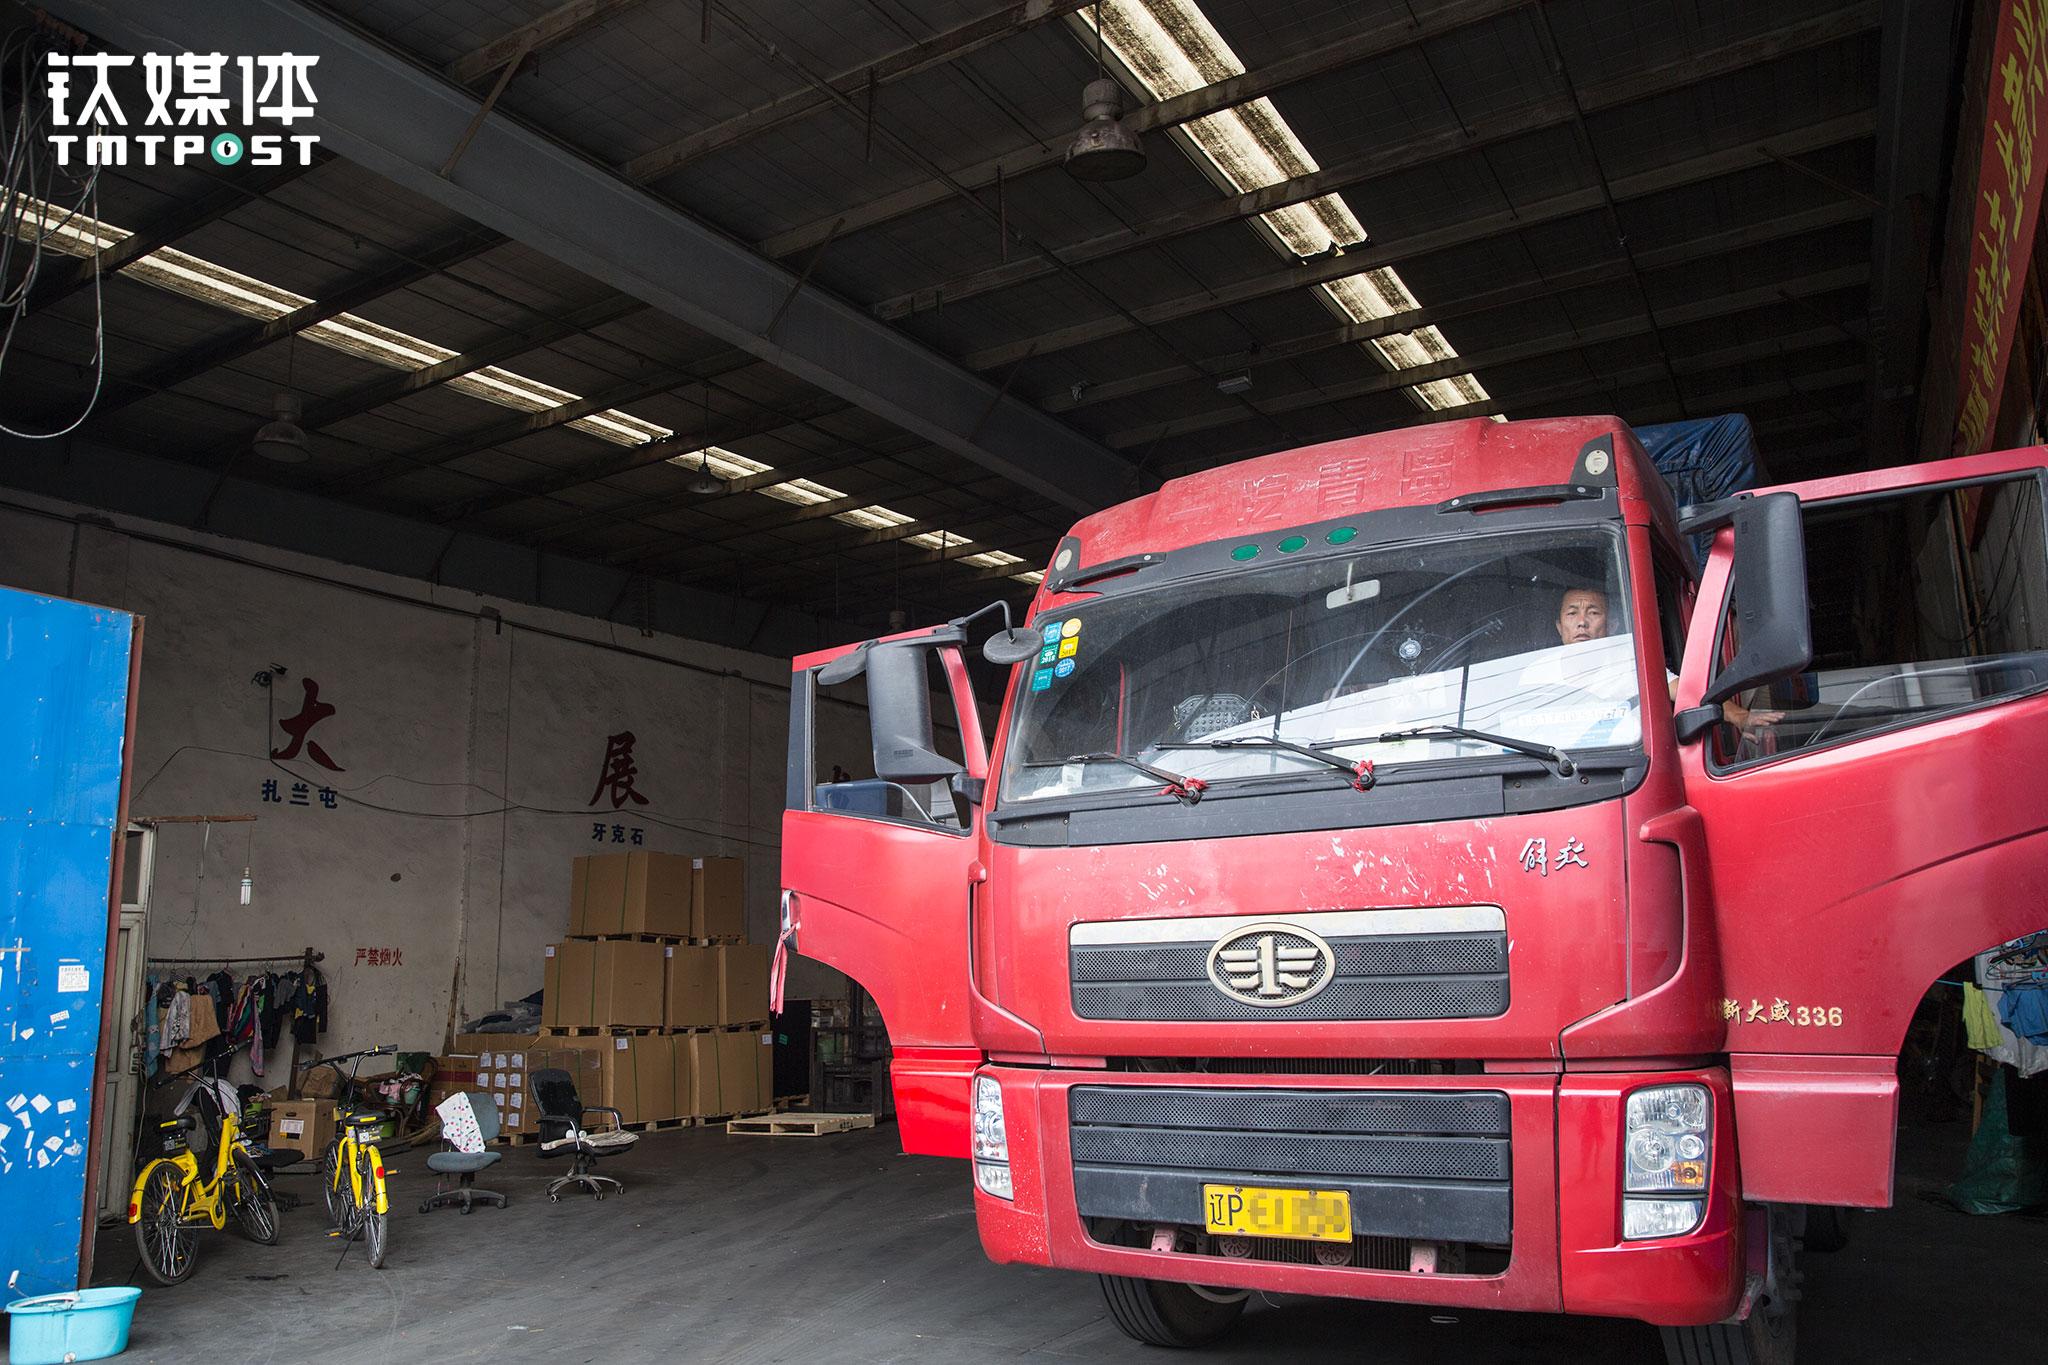 5月11日16:15,上海顺载物流园,车装满后,金强发动货车准备出发。刚入行时,金强帮私人老板开车,领着一个月五千多的固定工资。看到当时物流行业行情不错,6年前夫妻俩贷款买了这辆13米的解放仓栏卡车。在这一趟出发前,他们在海南拉了一个多月芒果,在海南和长沙、武汉往返。